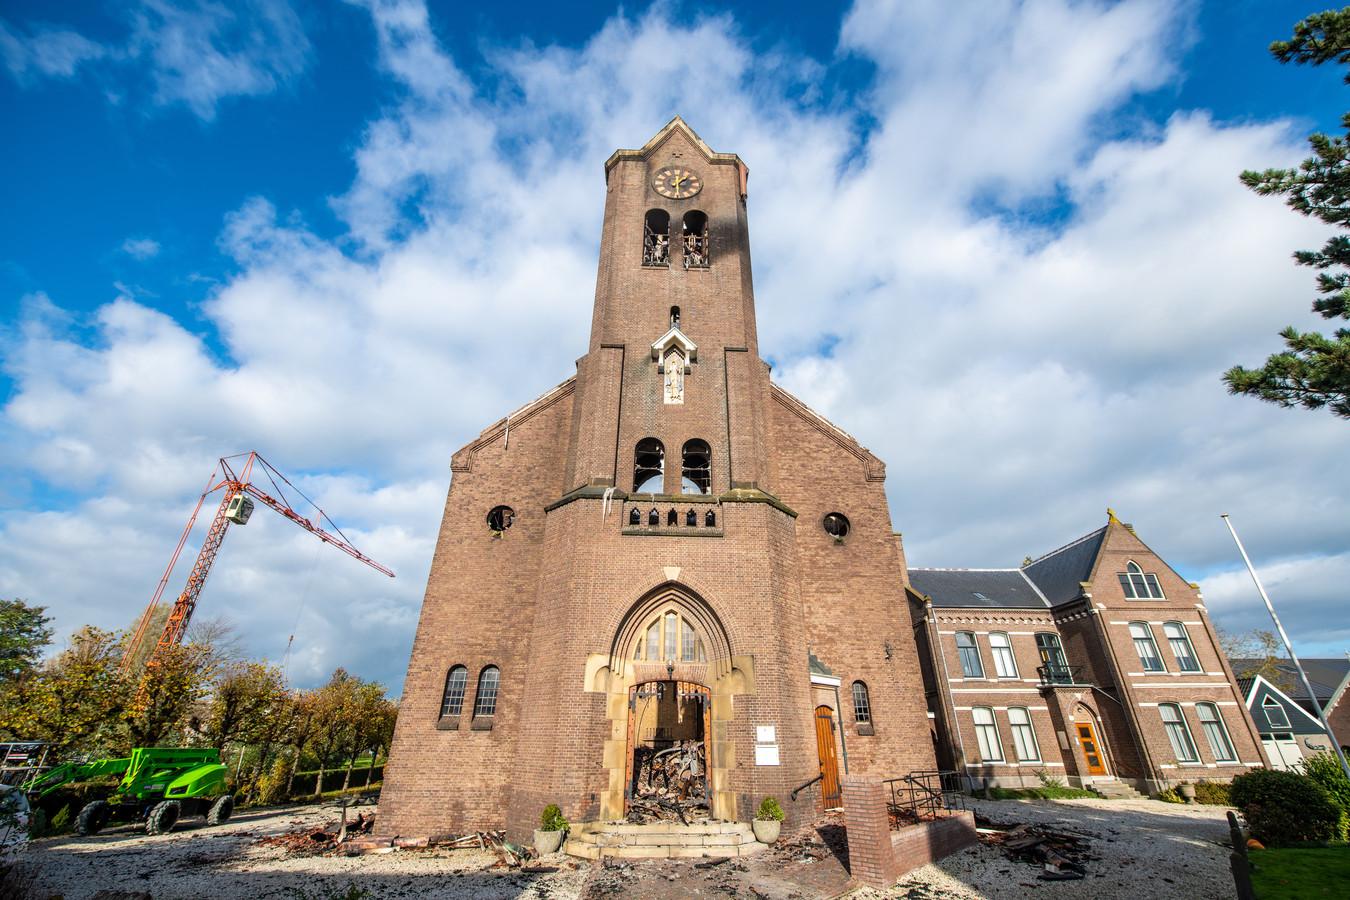 Schade aan de Onze-Lieve-Vrouw-Geboortekerk in Hoogmade na een verwoestende brand